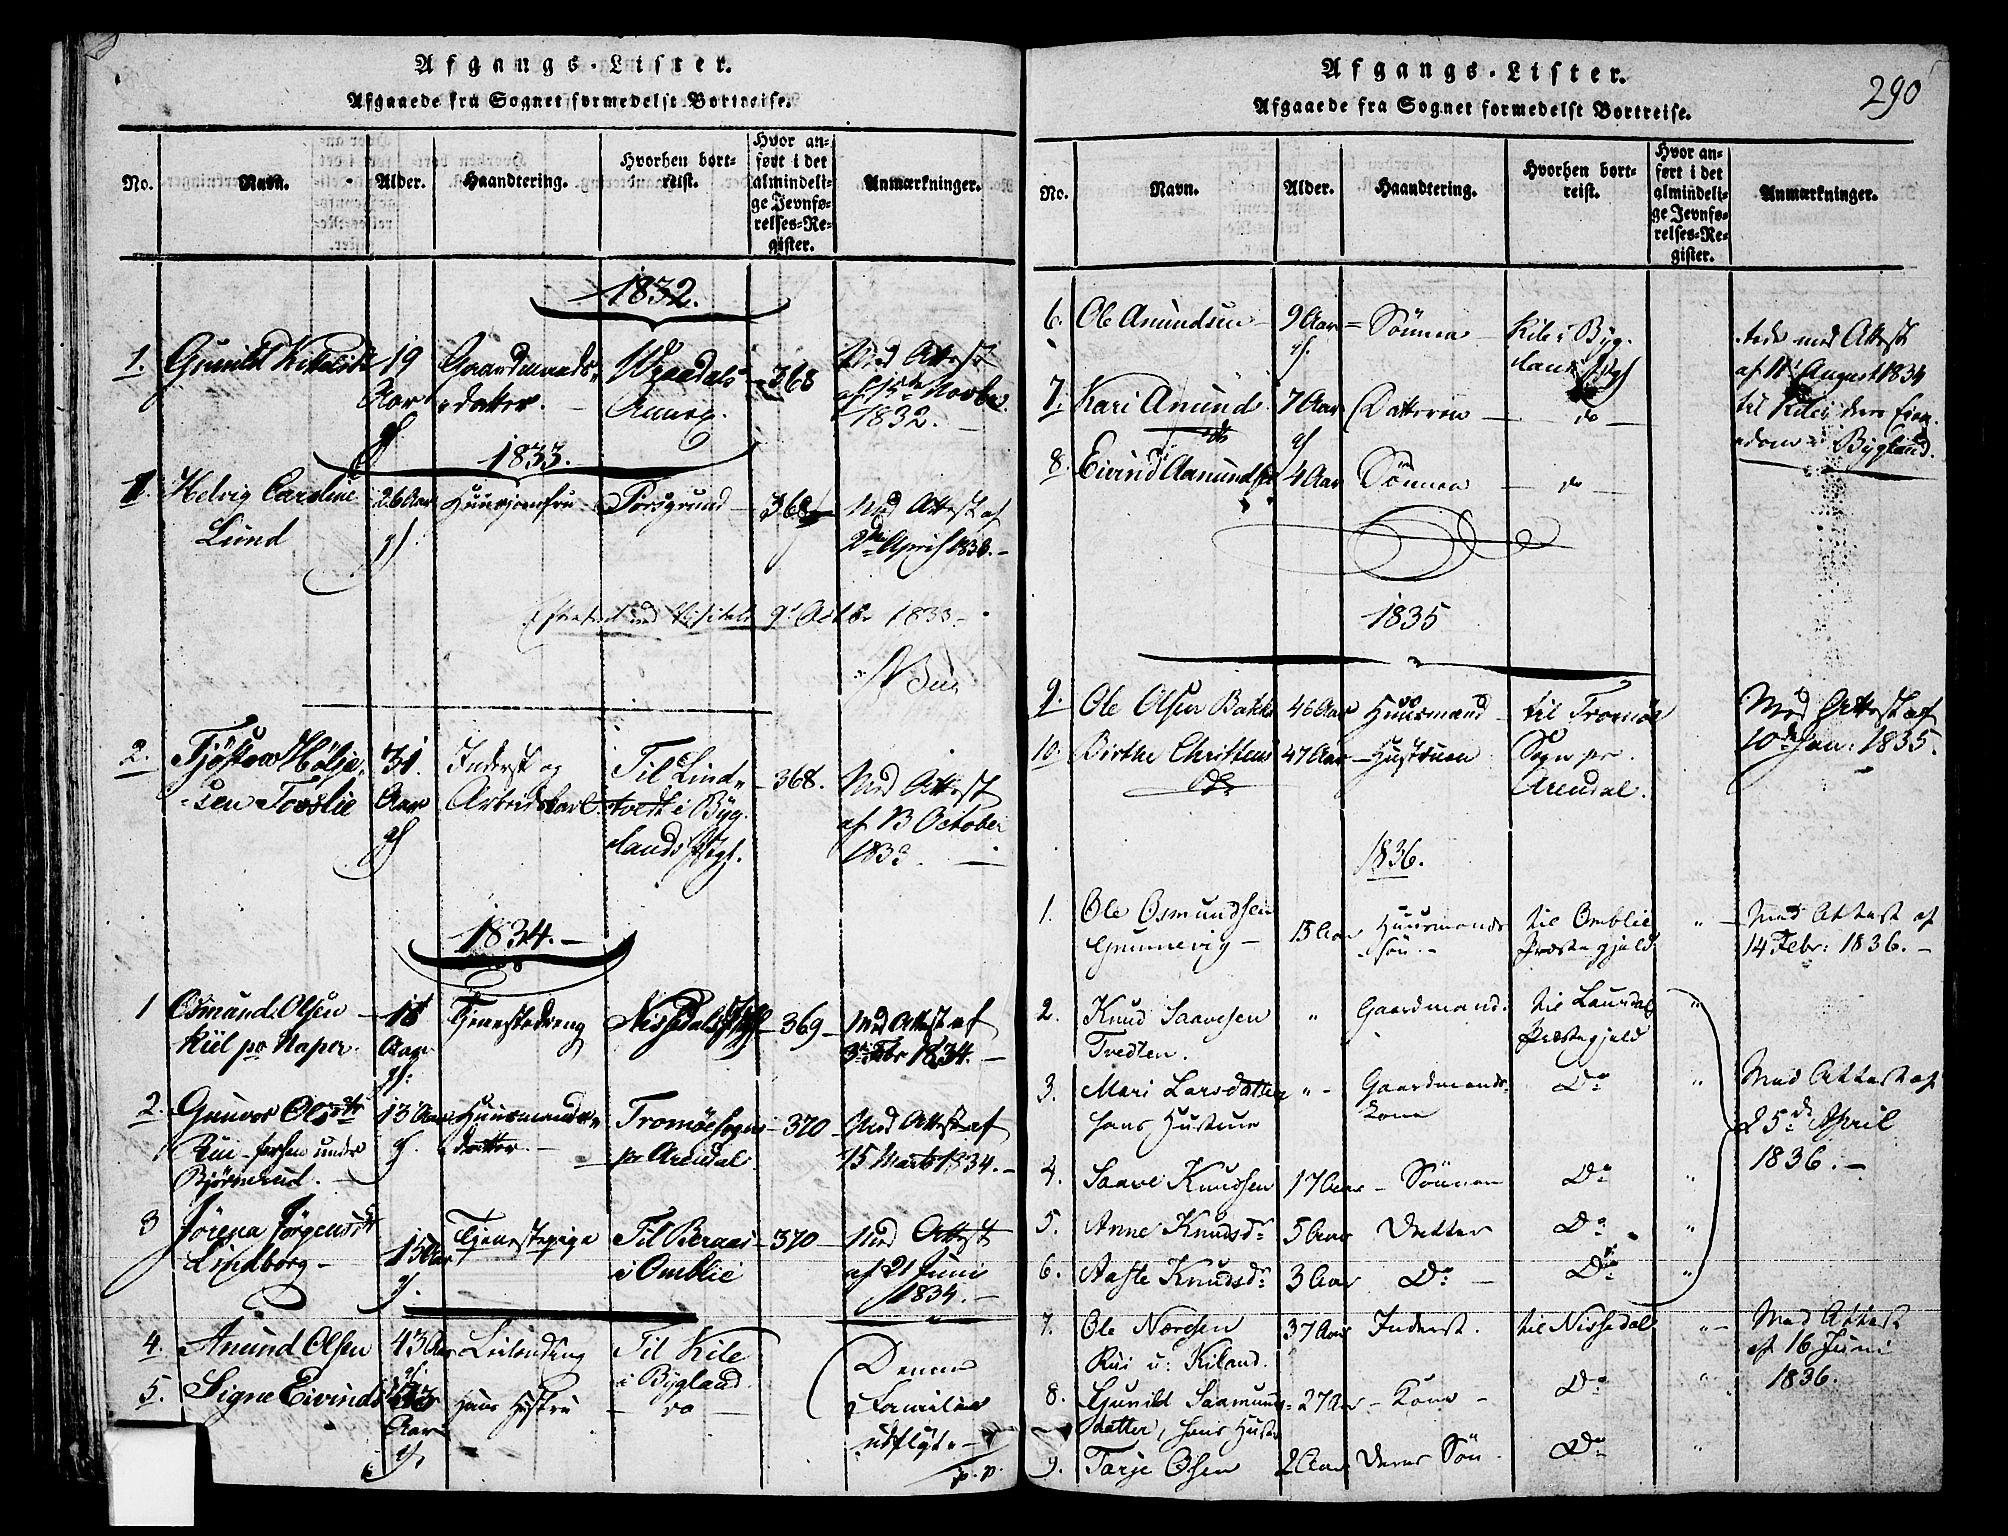 SAKO, Fyresdal kirkebøker, F/Fa/L0003: Ministerialbok nr. I 3, 1815-1840, s. 290